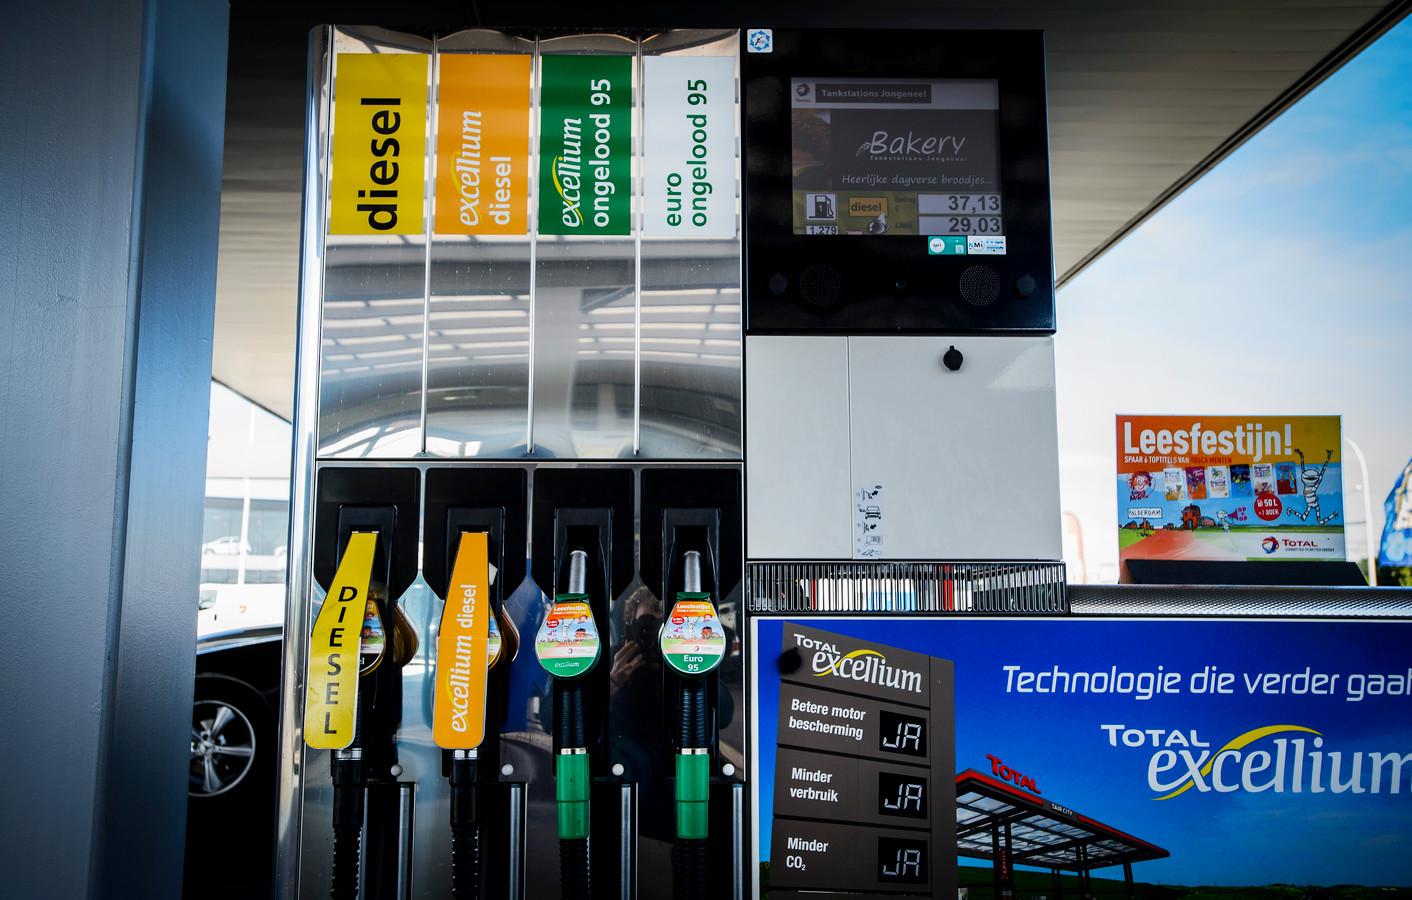 De verkoop van 'premium' brandstoffen zoals Total Excellium en Shell V-Power stijgt